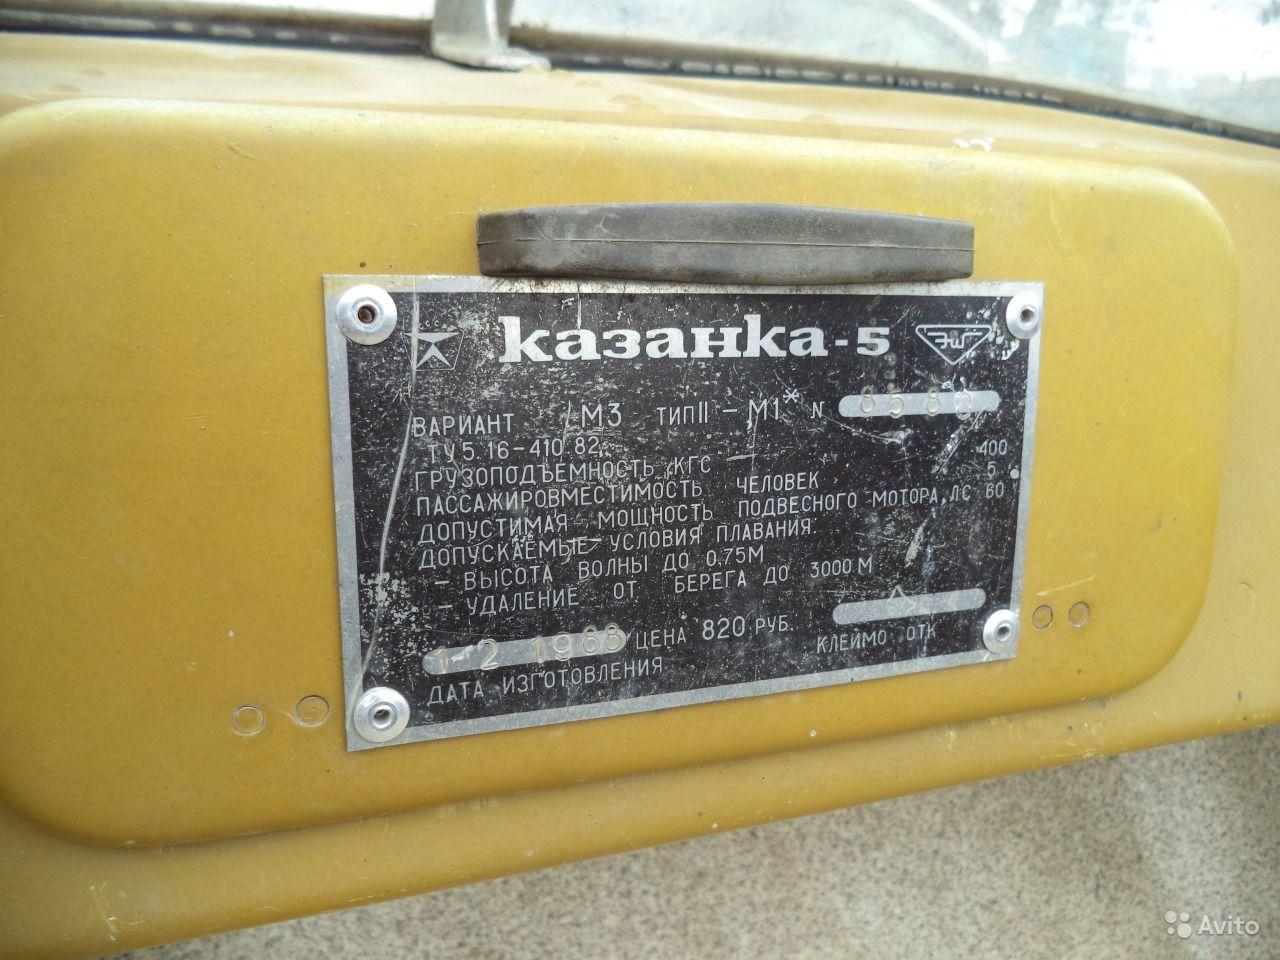 шильдик от лодки Казанка-5М3